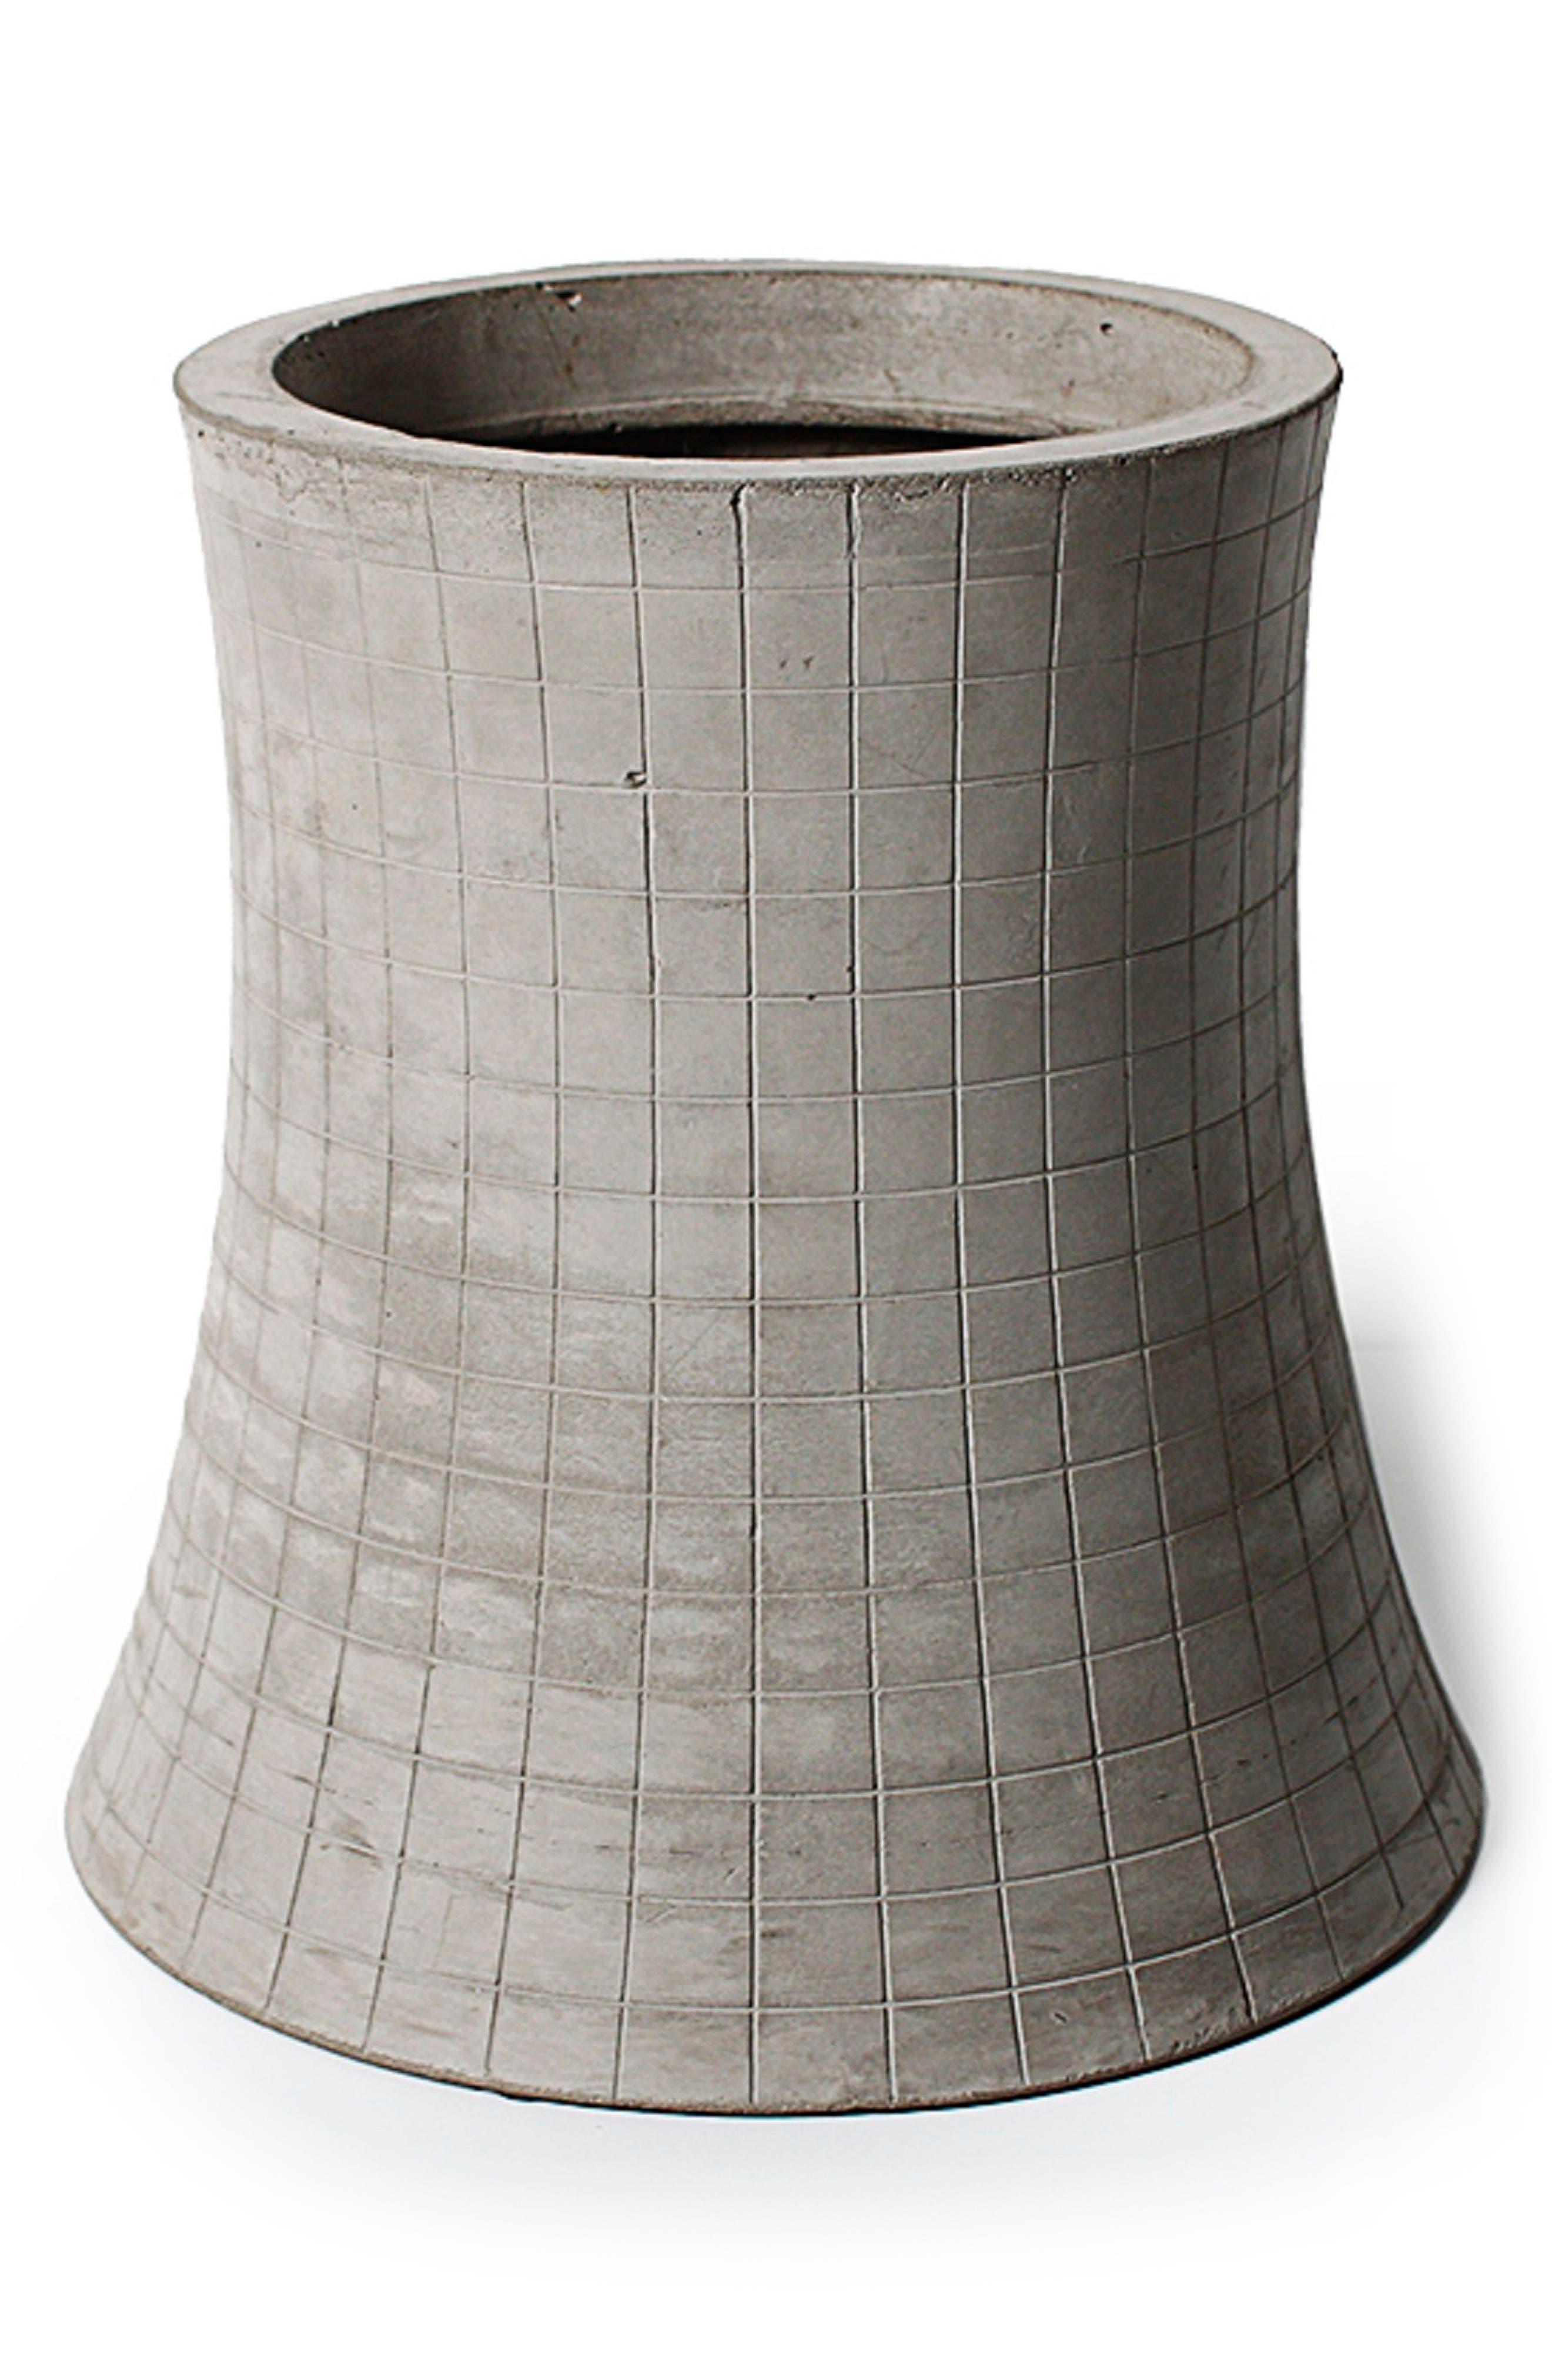 Lyon Béton Nuclear Plant Flower Pot,                             Main thumbnail 1, color,                             Cement